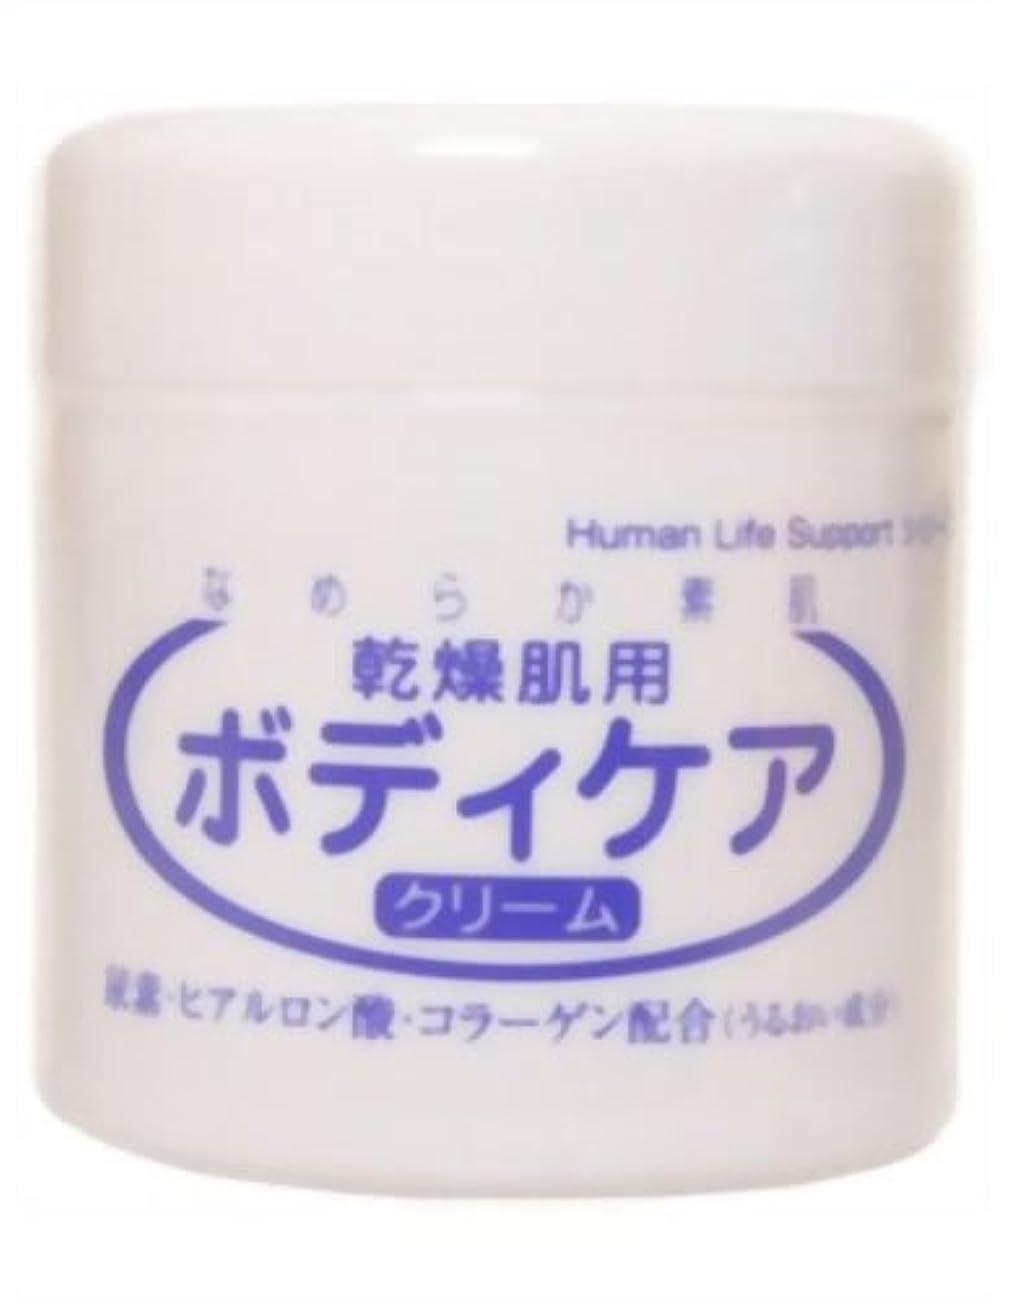 容量便益タイピスト乾燥肌用ボディケアクリーム 230g